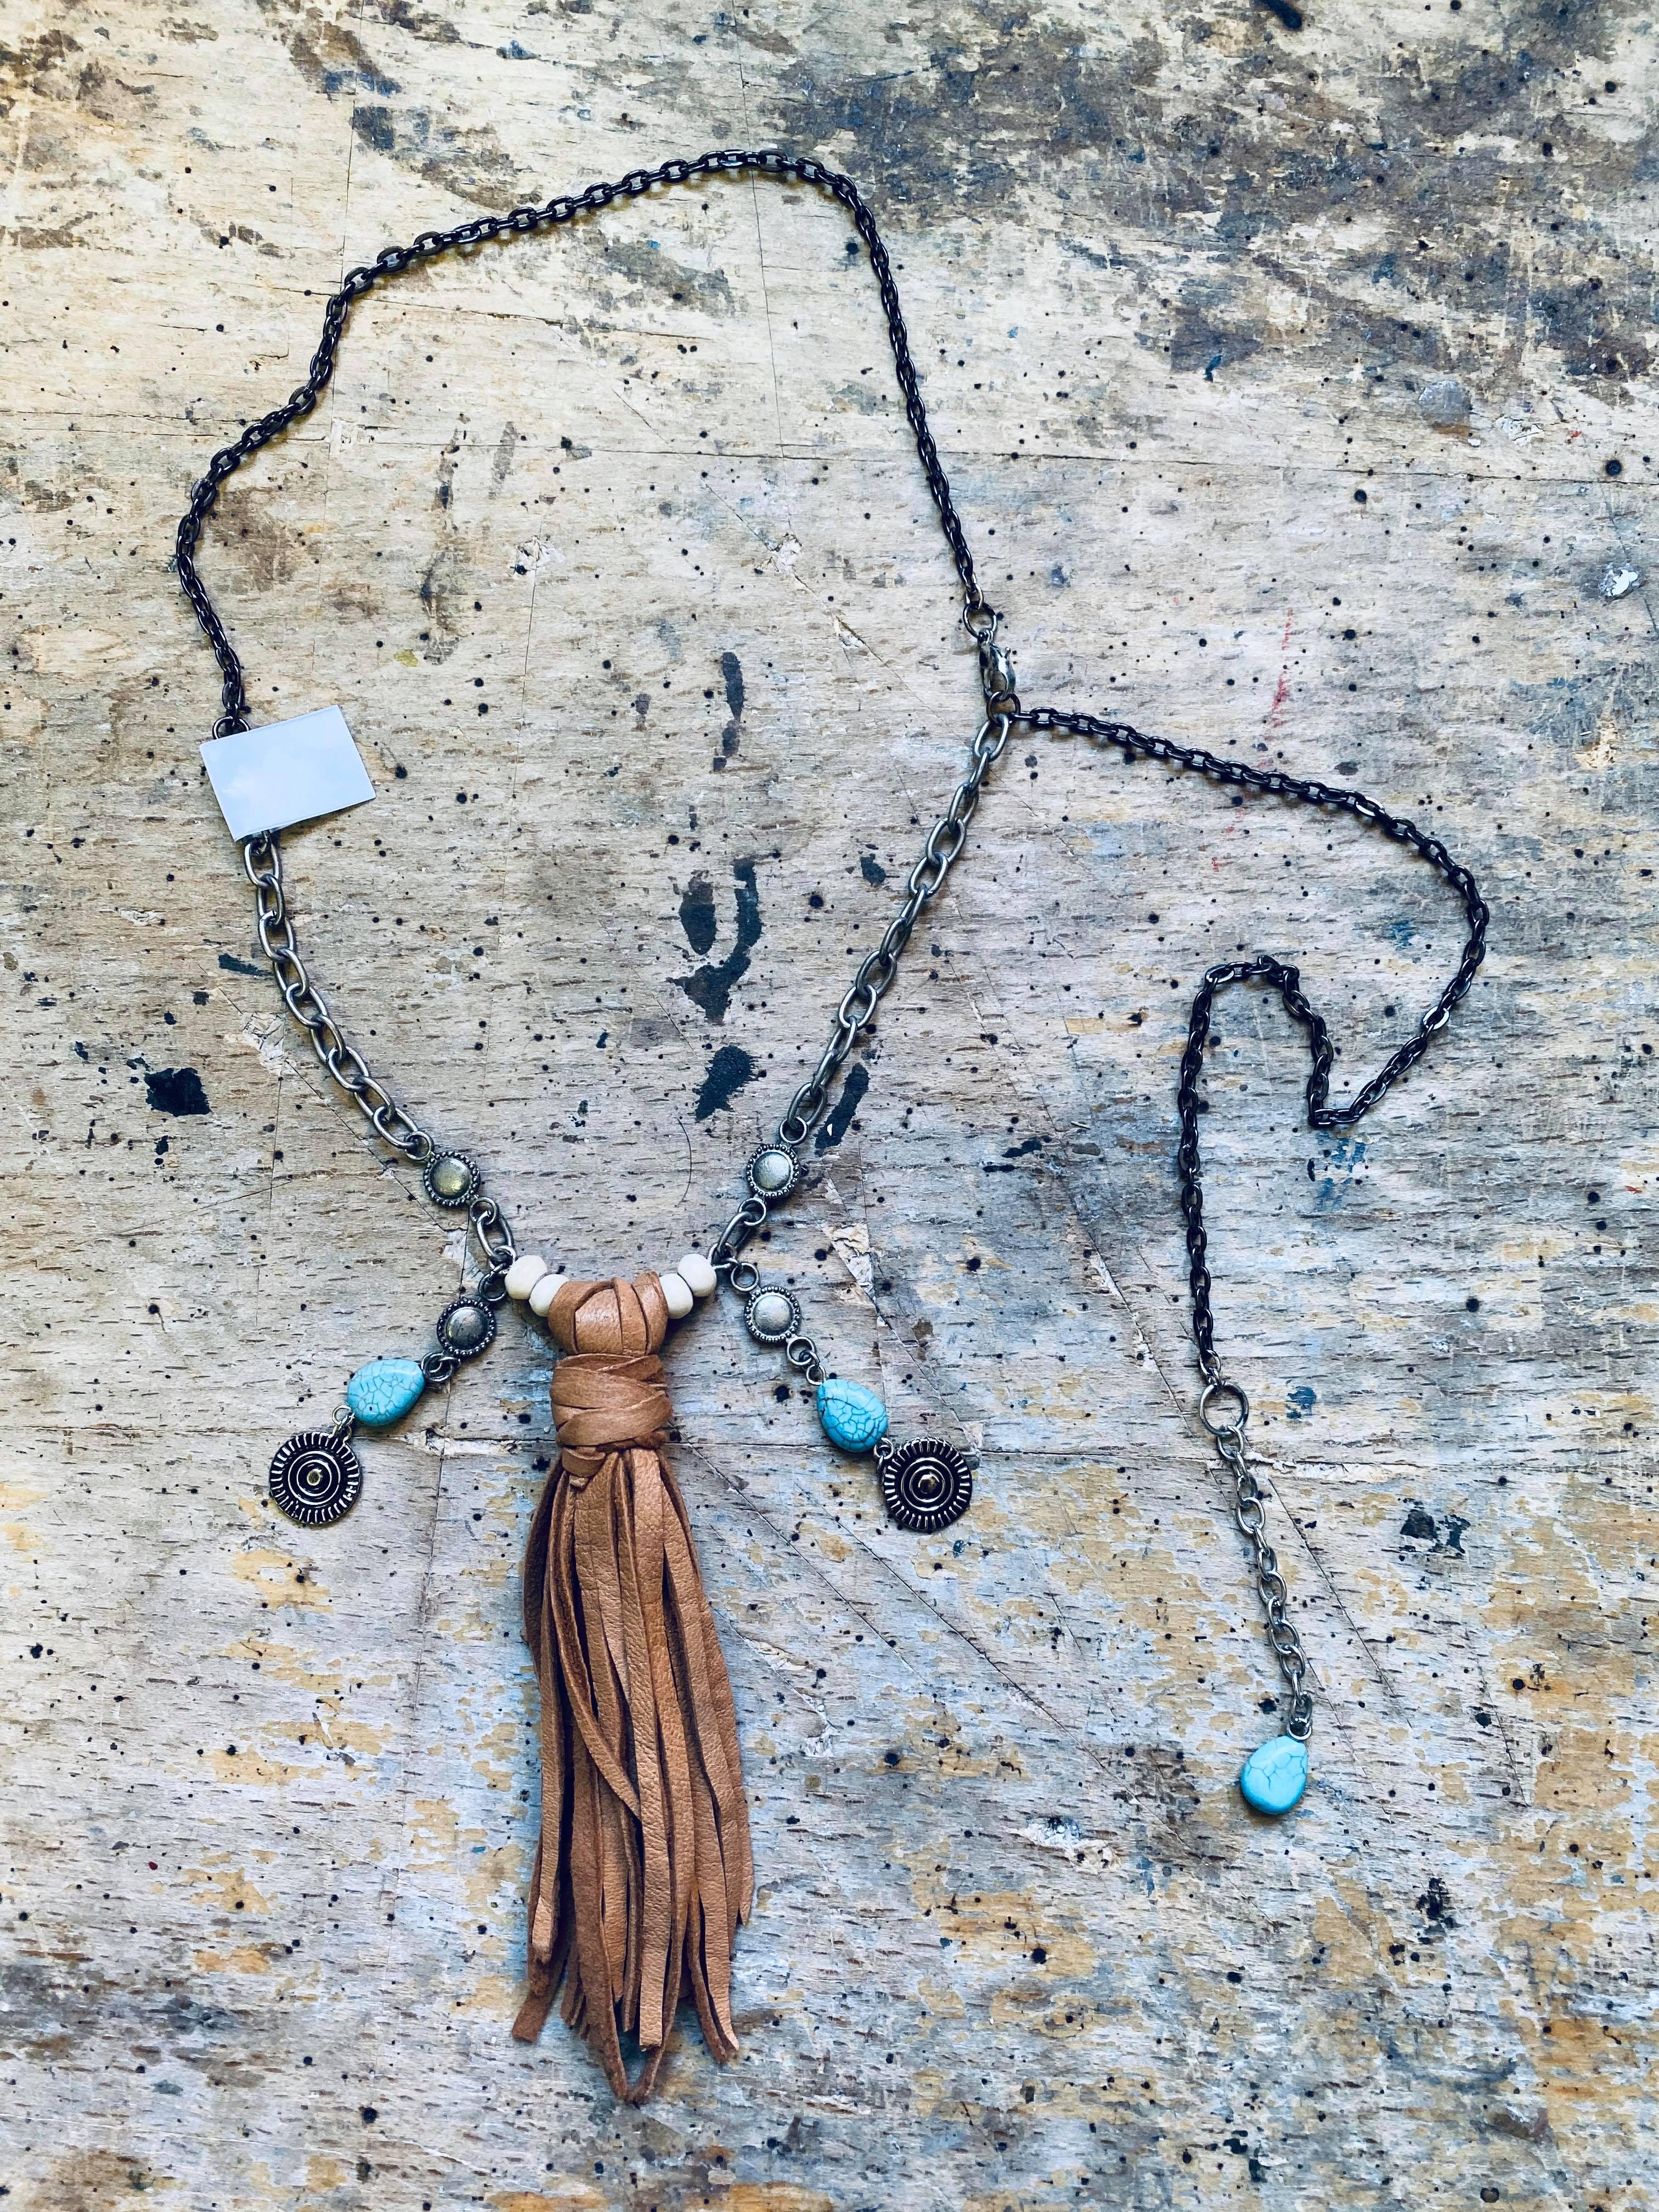 X Halsband by Gerda Berglund